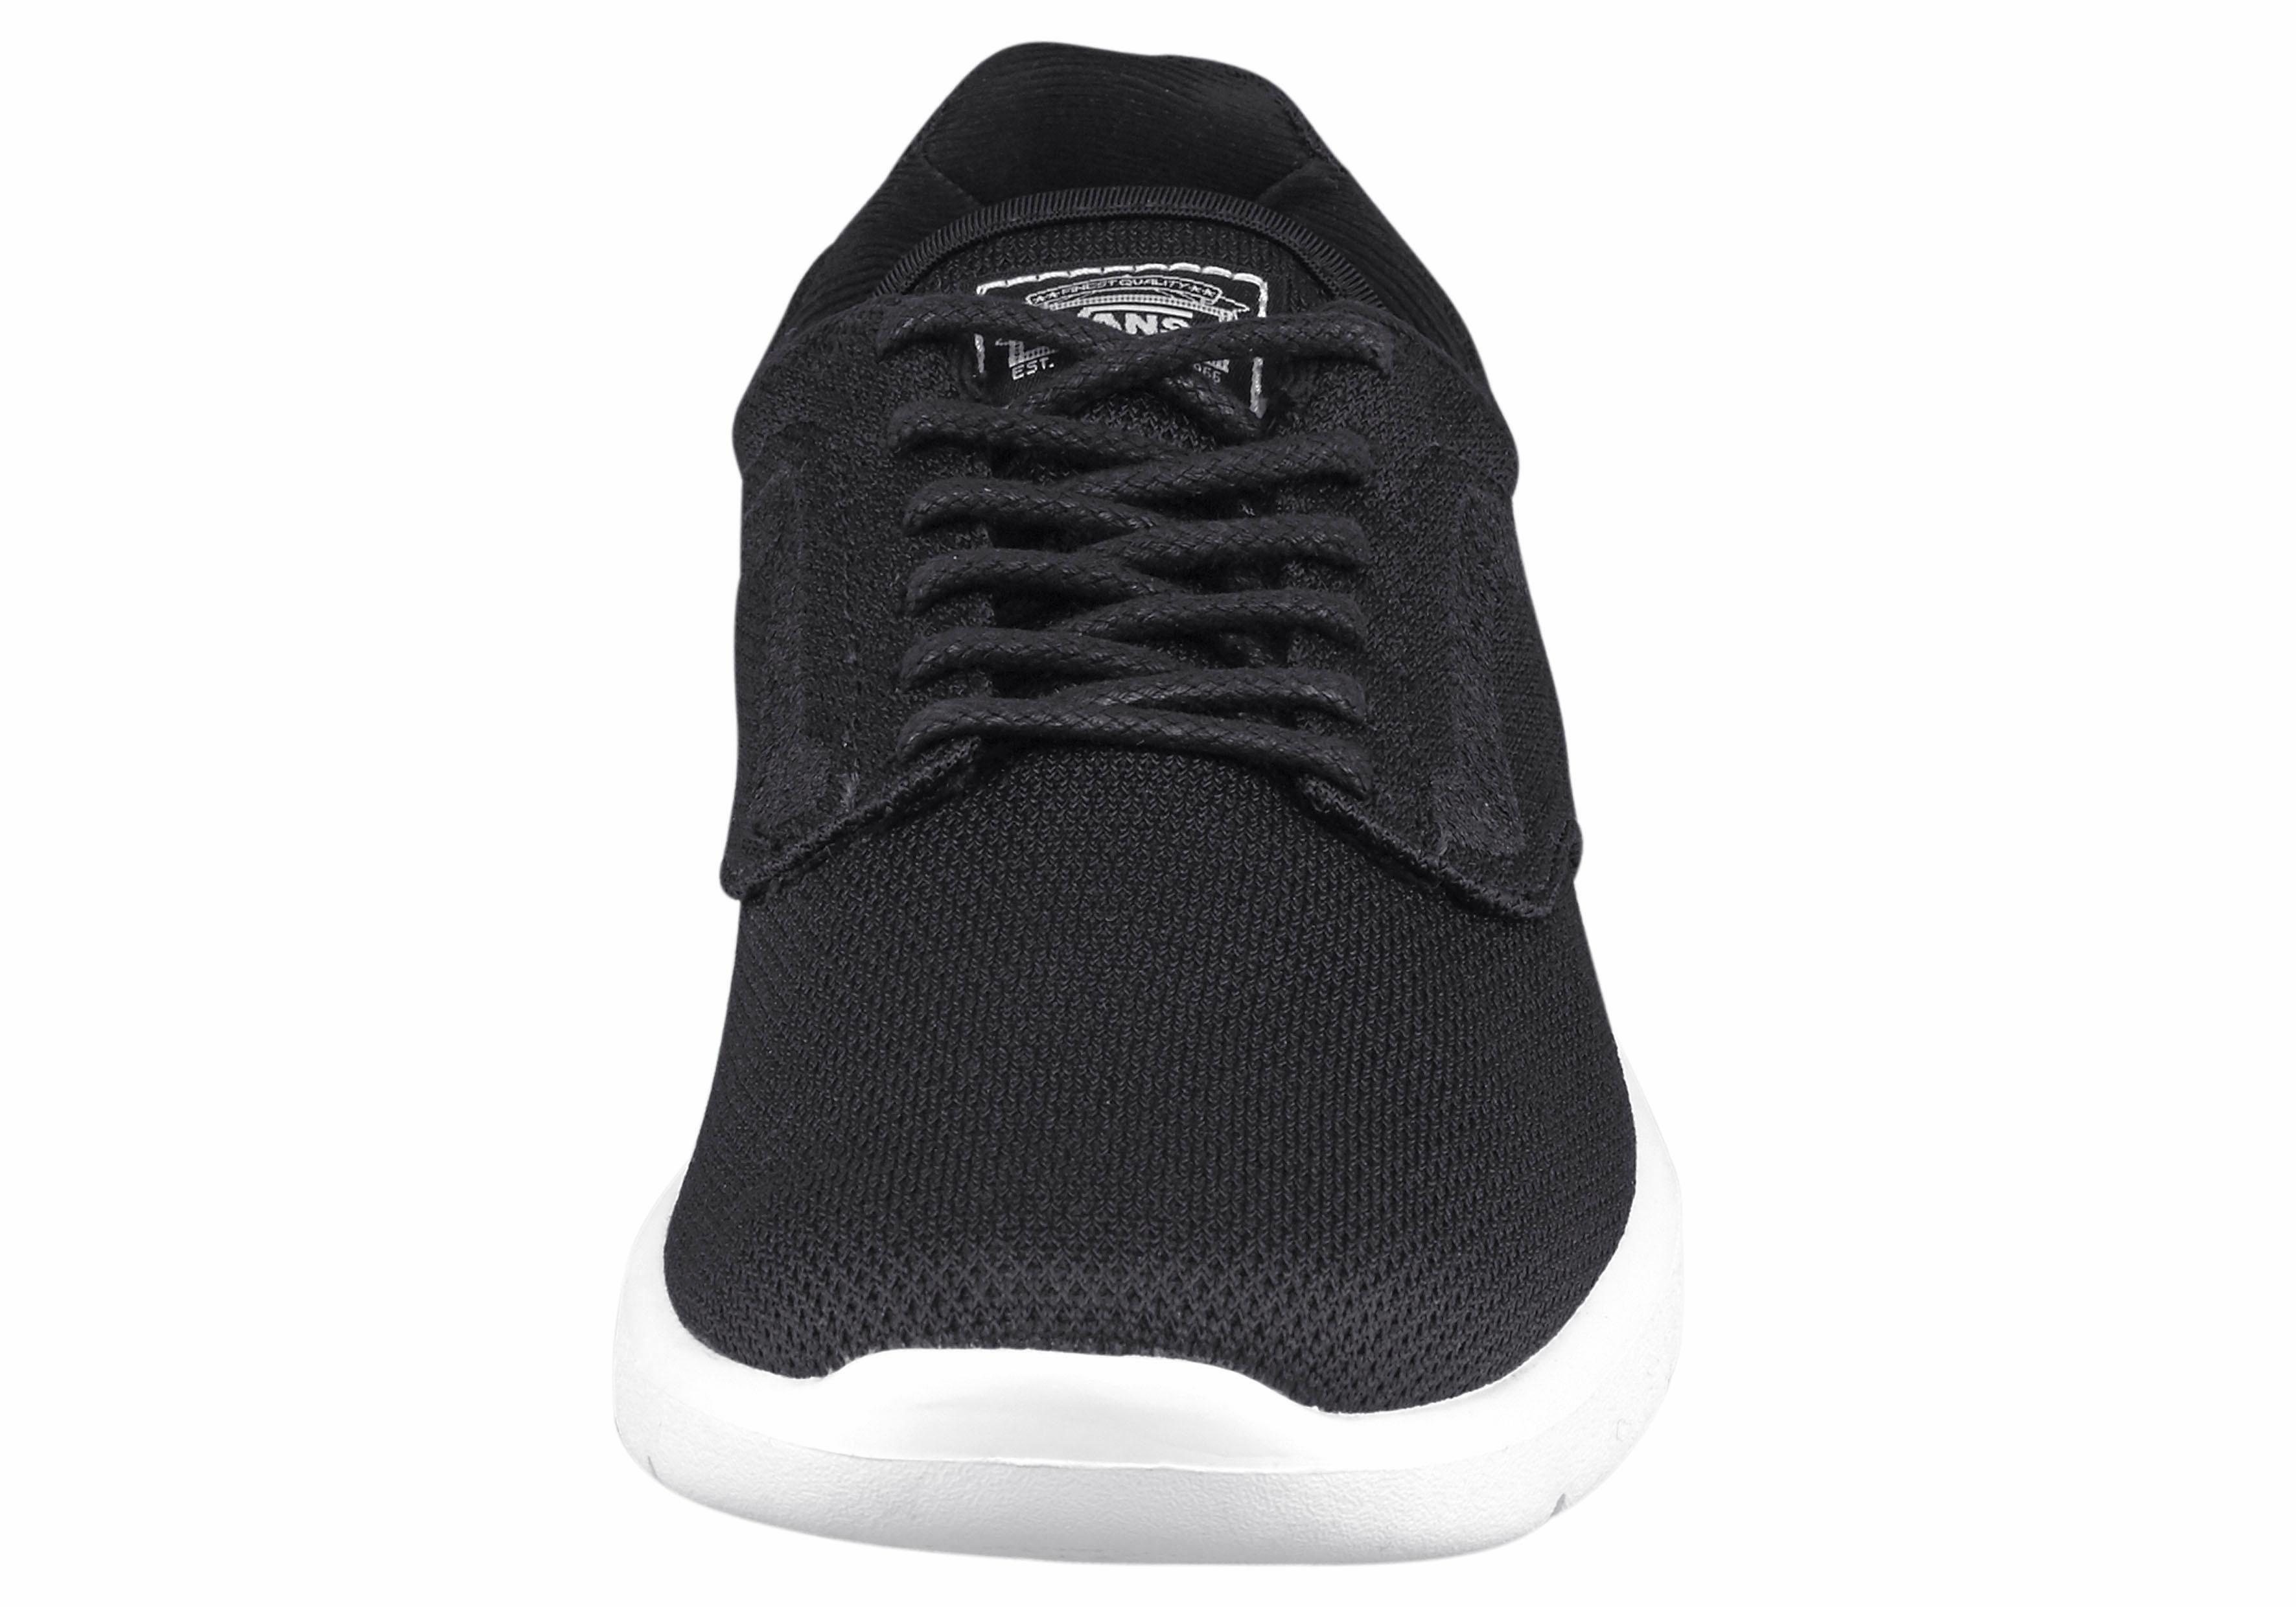 hoe vallen vans schoenen uit